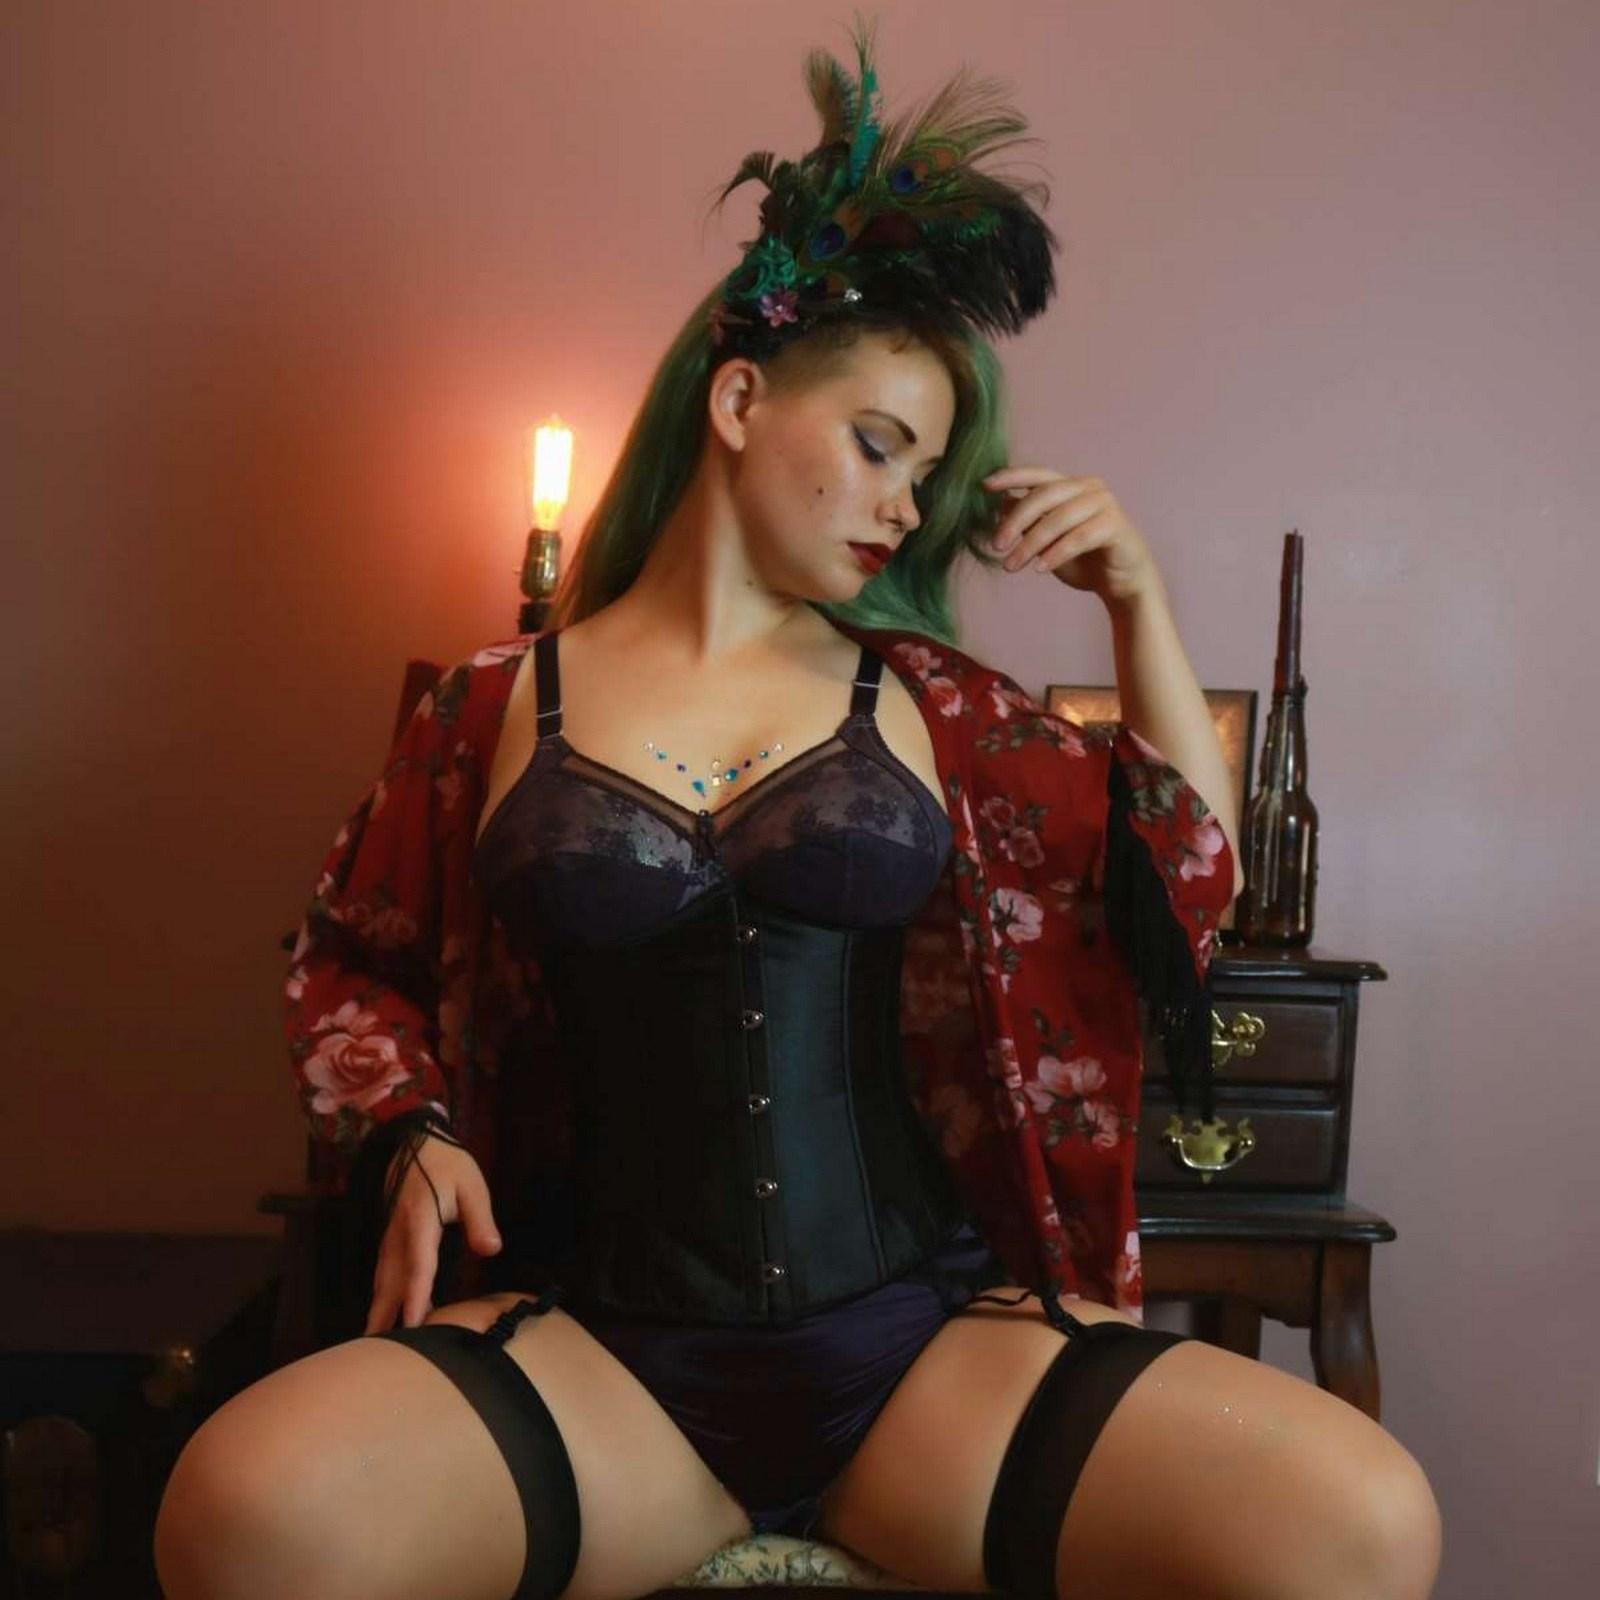 Le queda de maravilla ese corset 💗💗💗